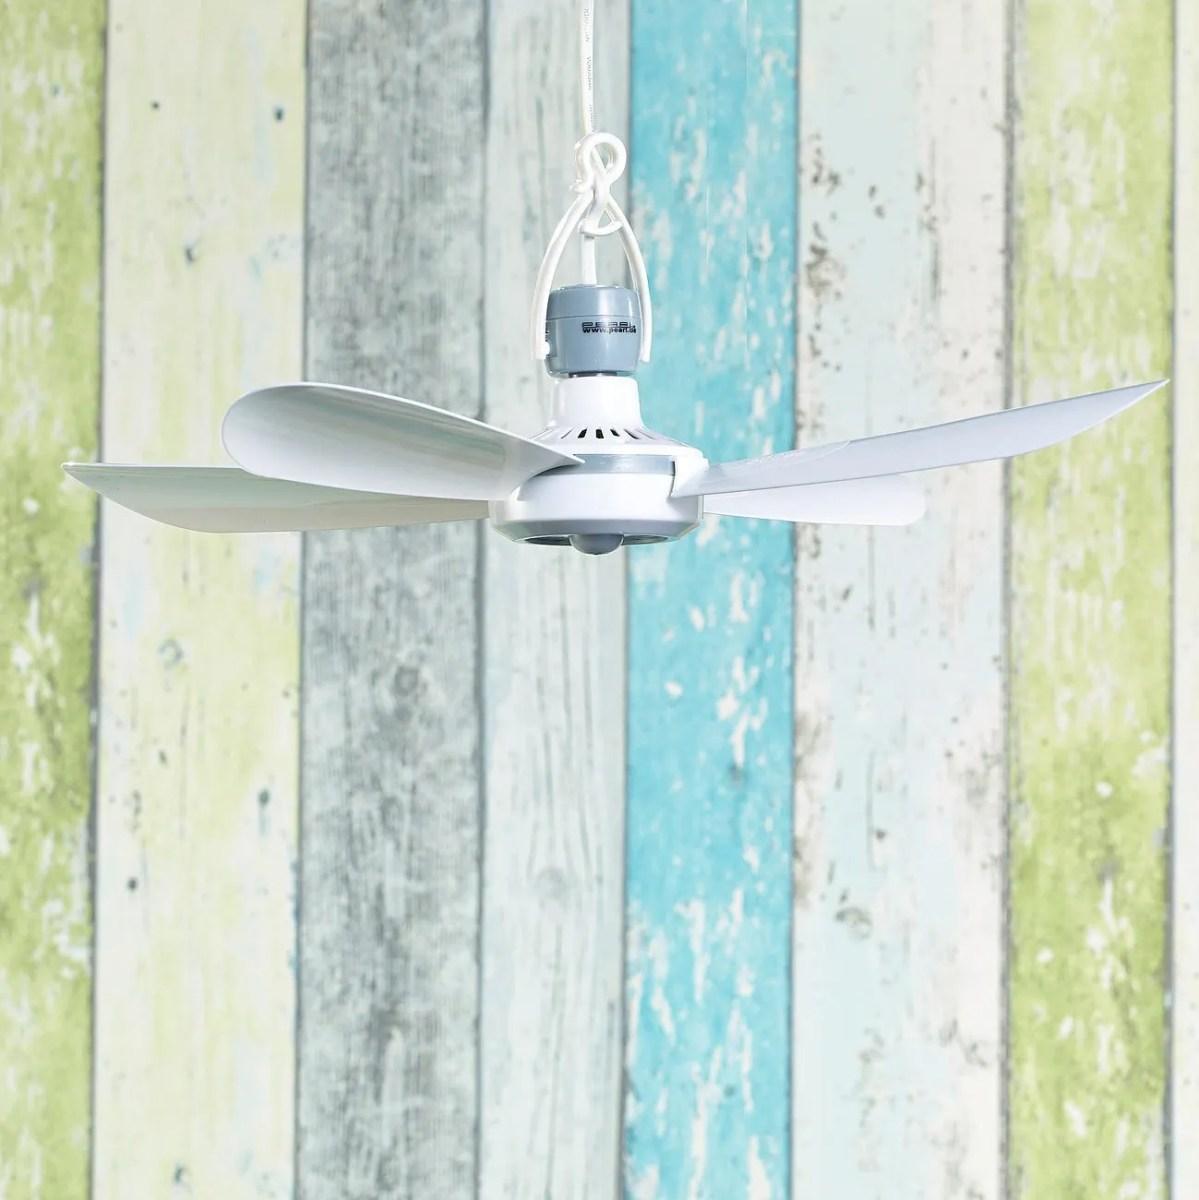 Gu a de compra ventiladores de techo baratos blog de - Ventiladores de techo baratos ...